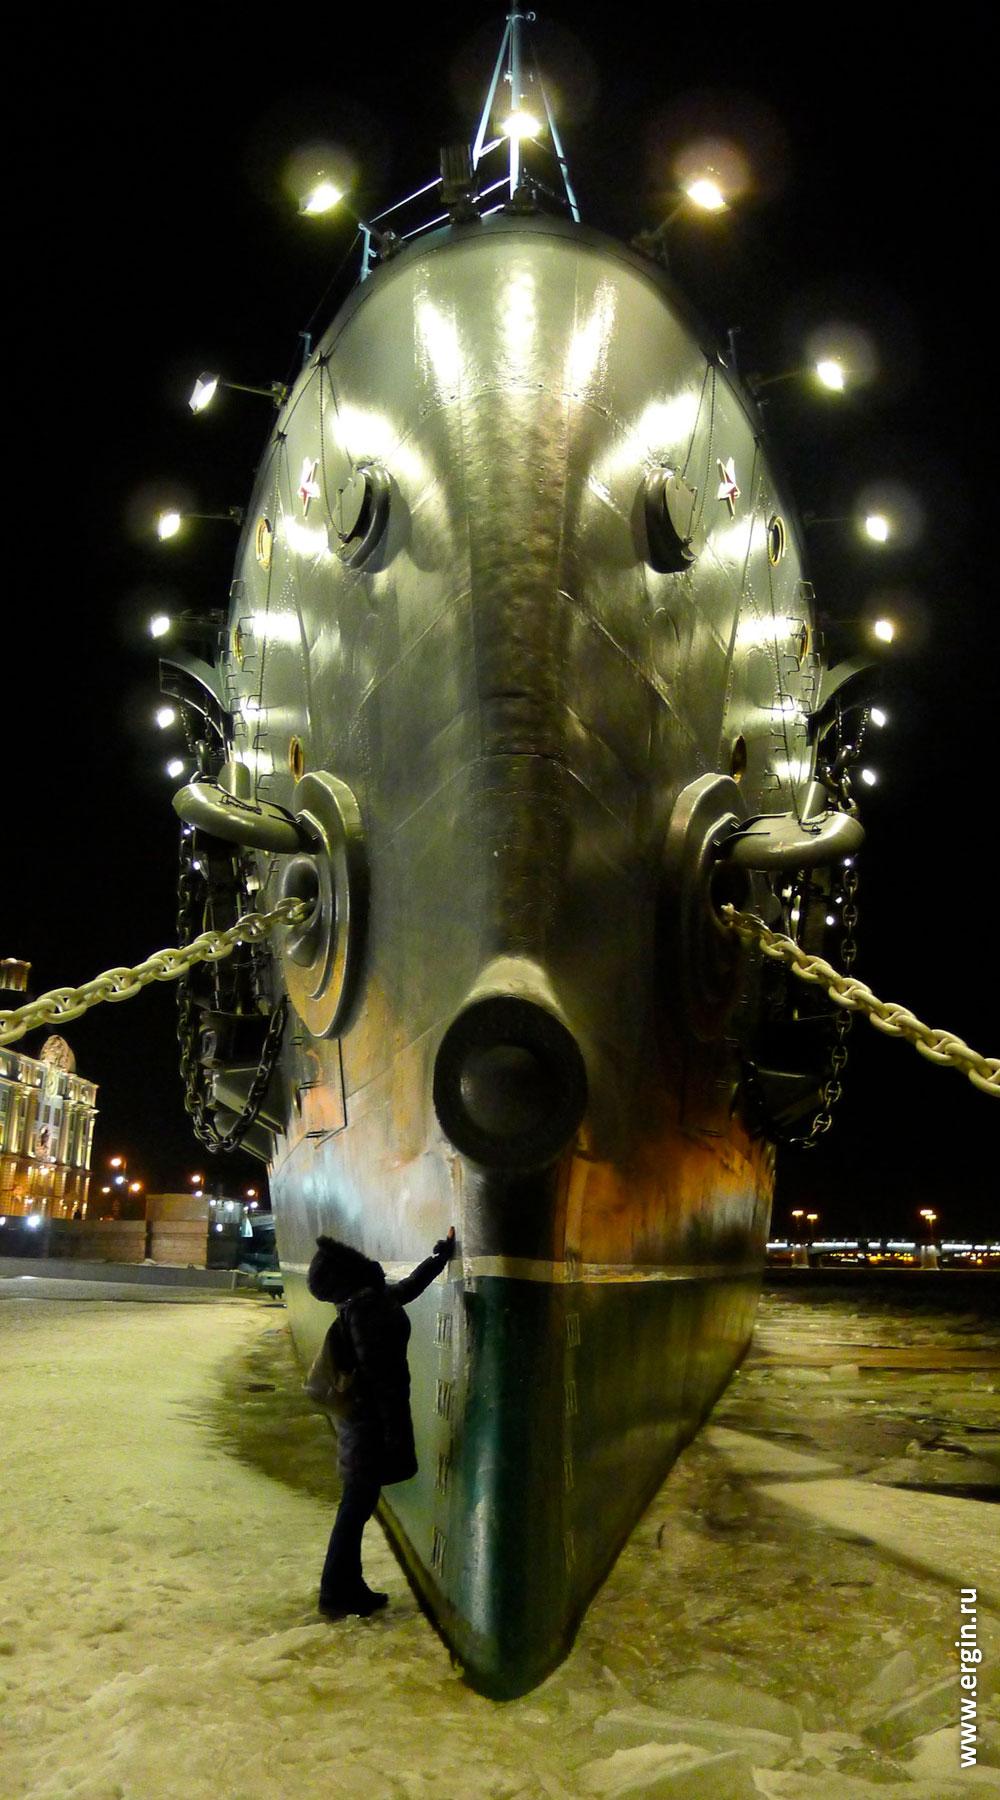 """Стоящий во льдах крейсер """"Аврора"""" в Санкт-Петербурге и люди, трогающие корабль за нос"""